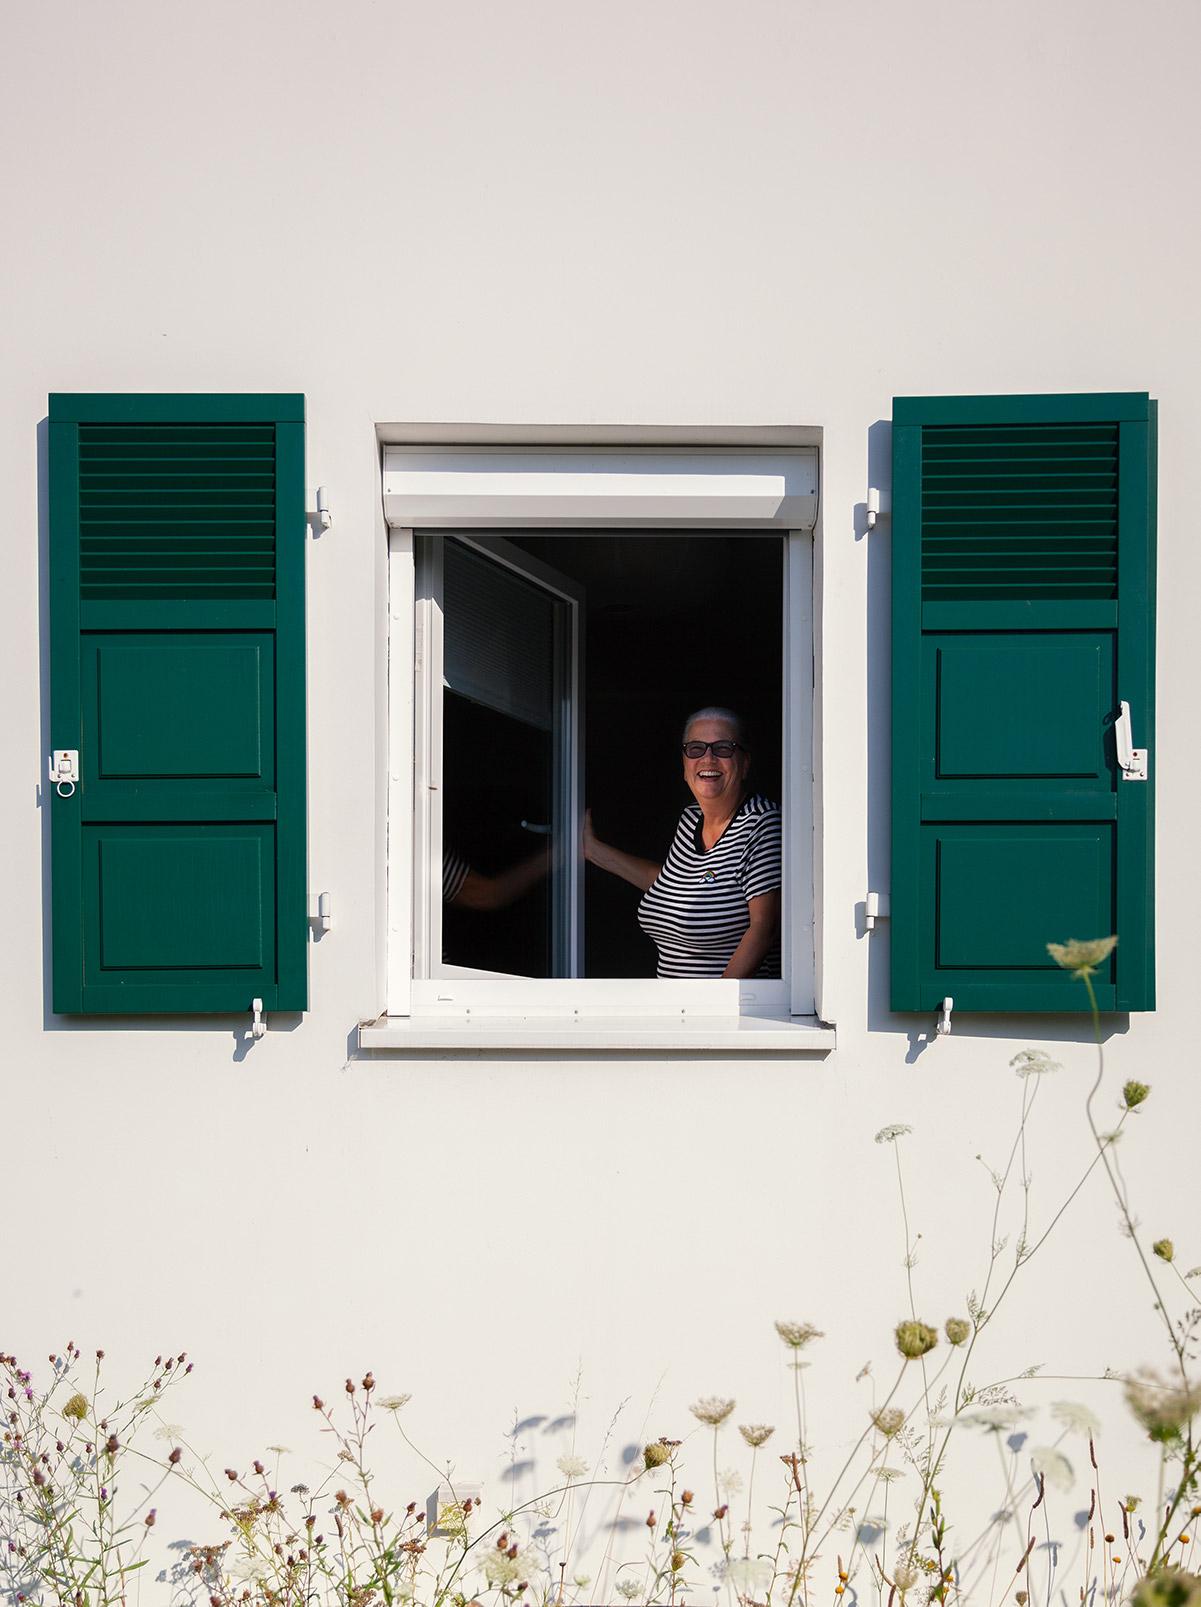 Familie Arndt ist von Ihren neuen fenstern und dem Service der Deutschen Fensterbau begeistert,